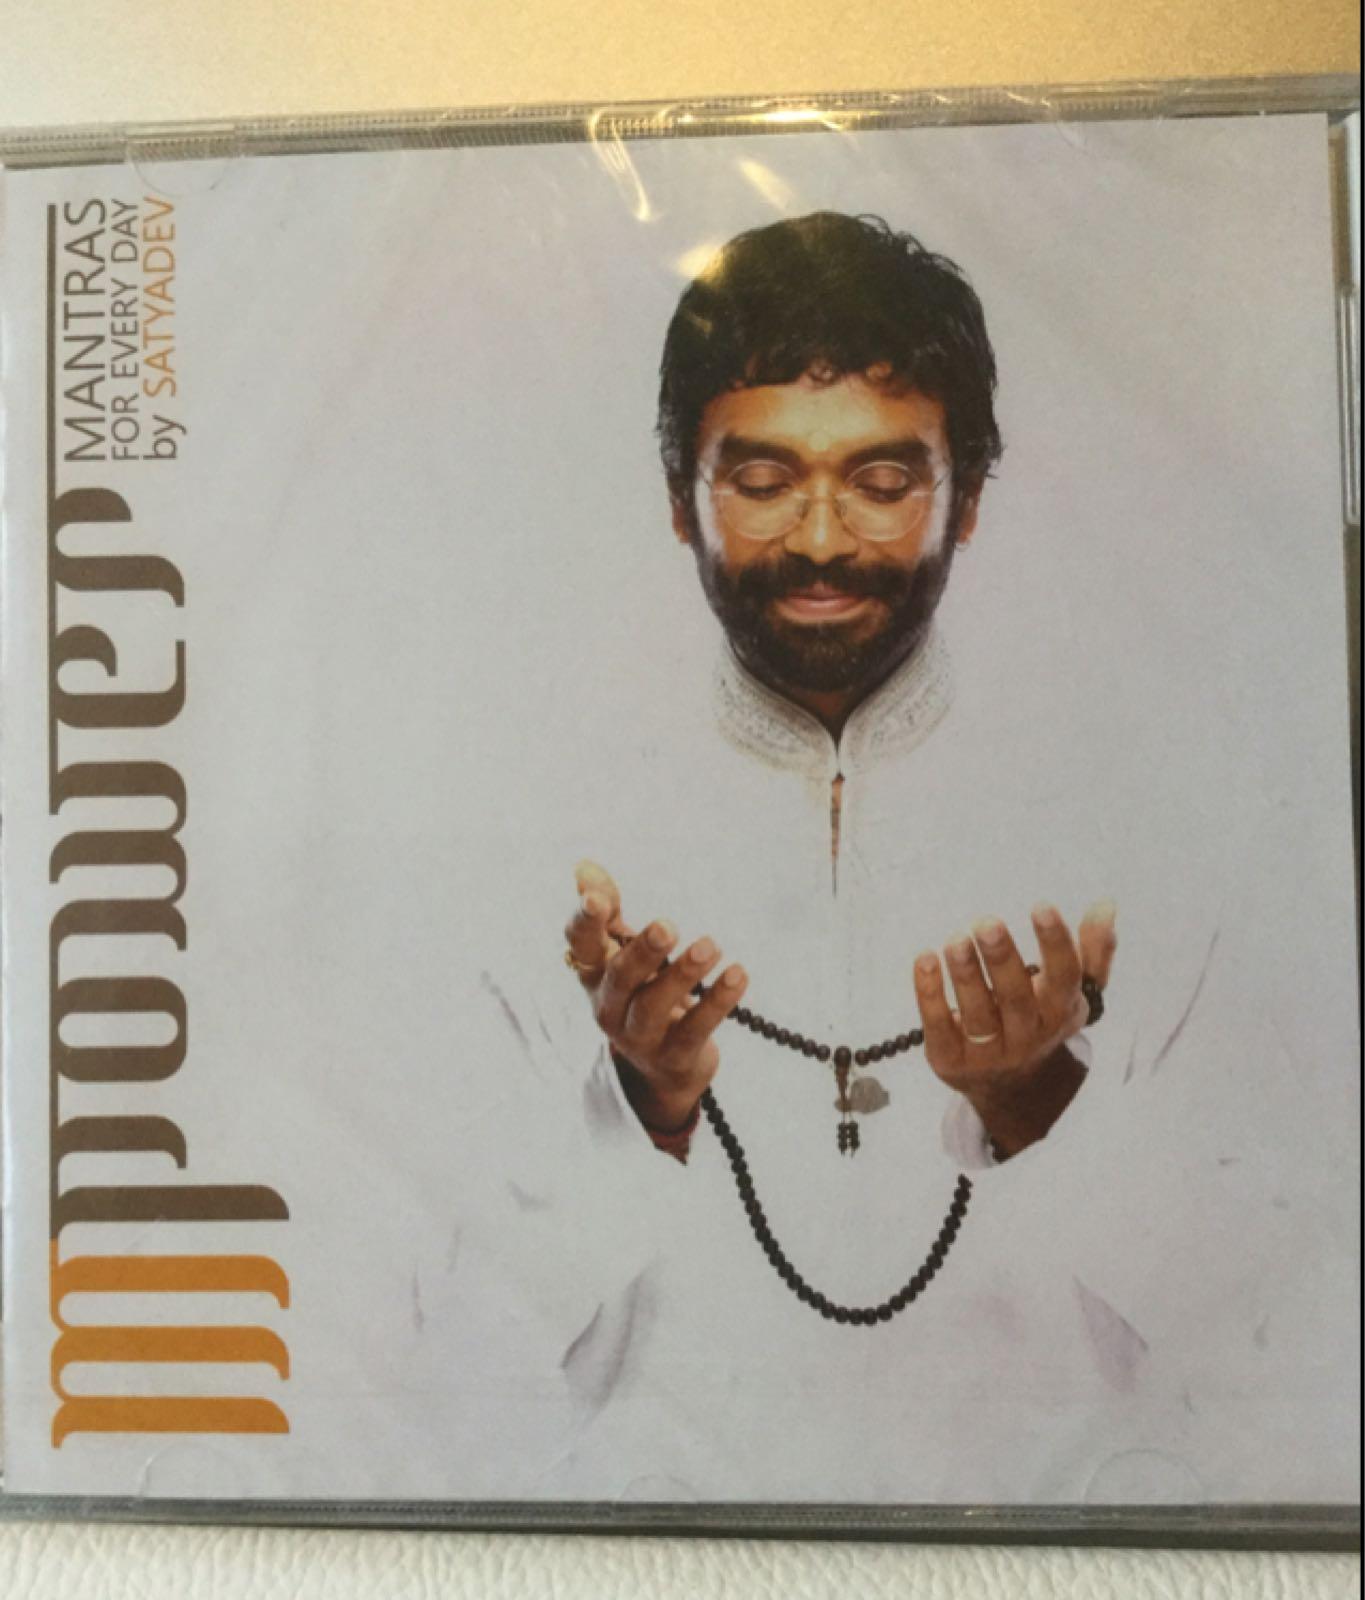 CD Mpower - Satyadev 169:-